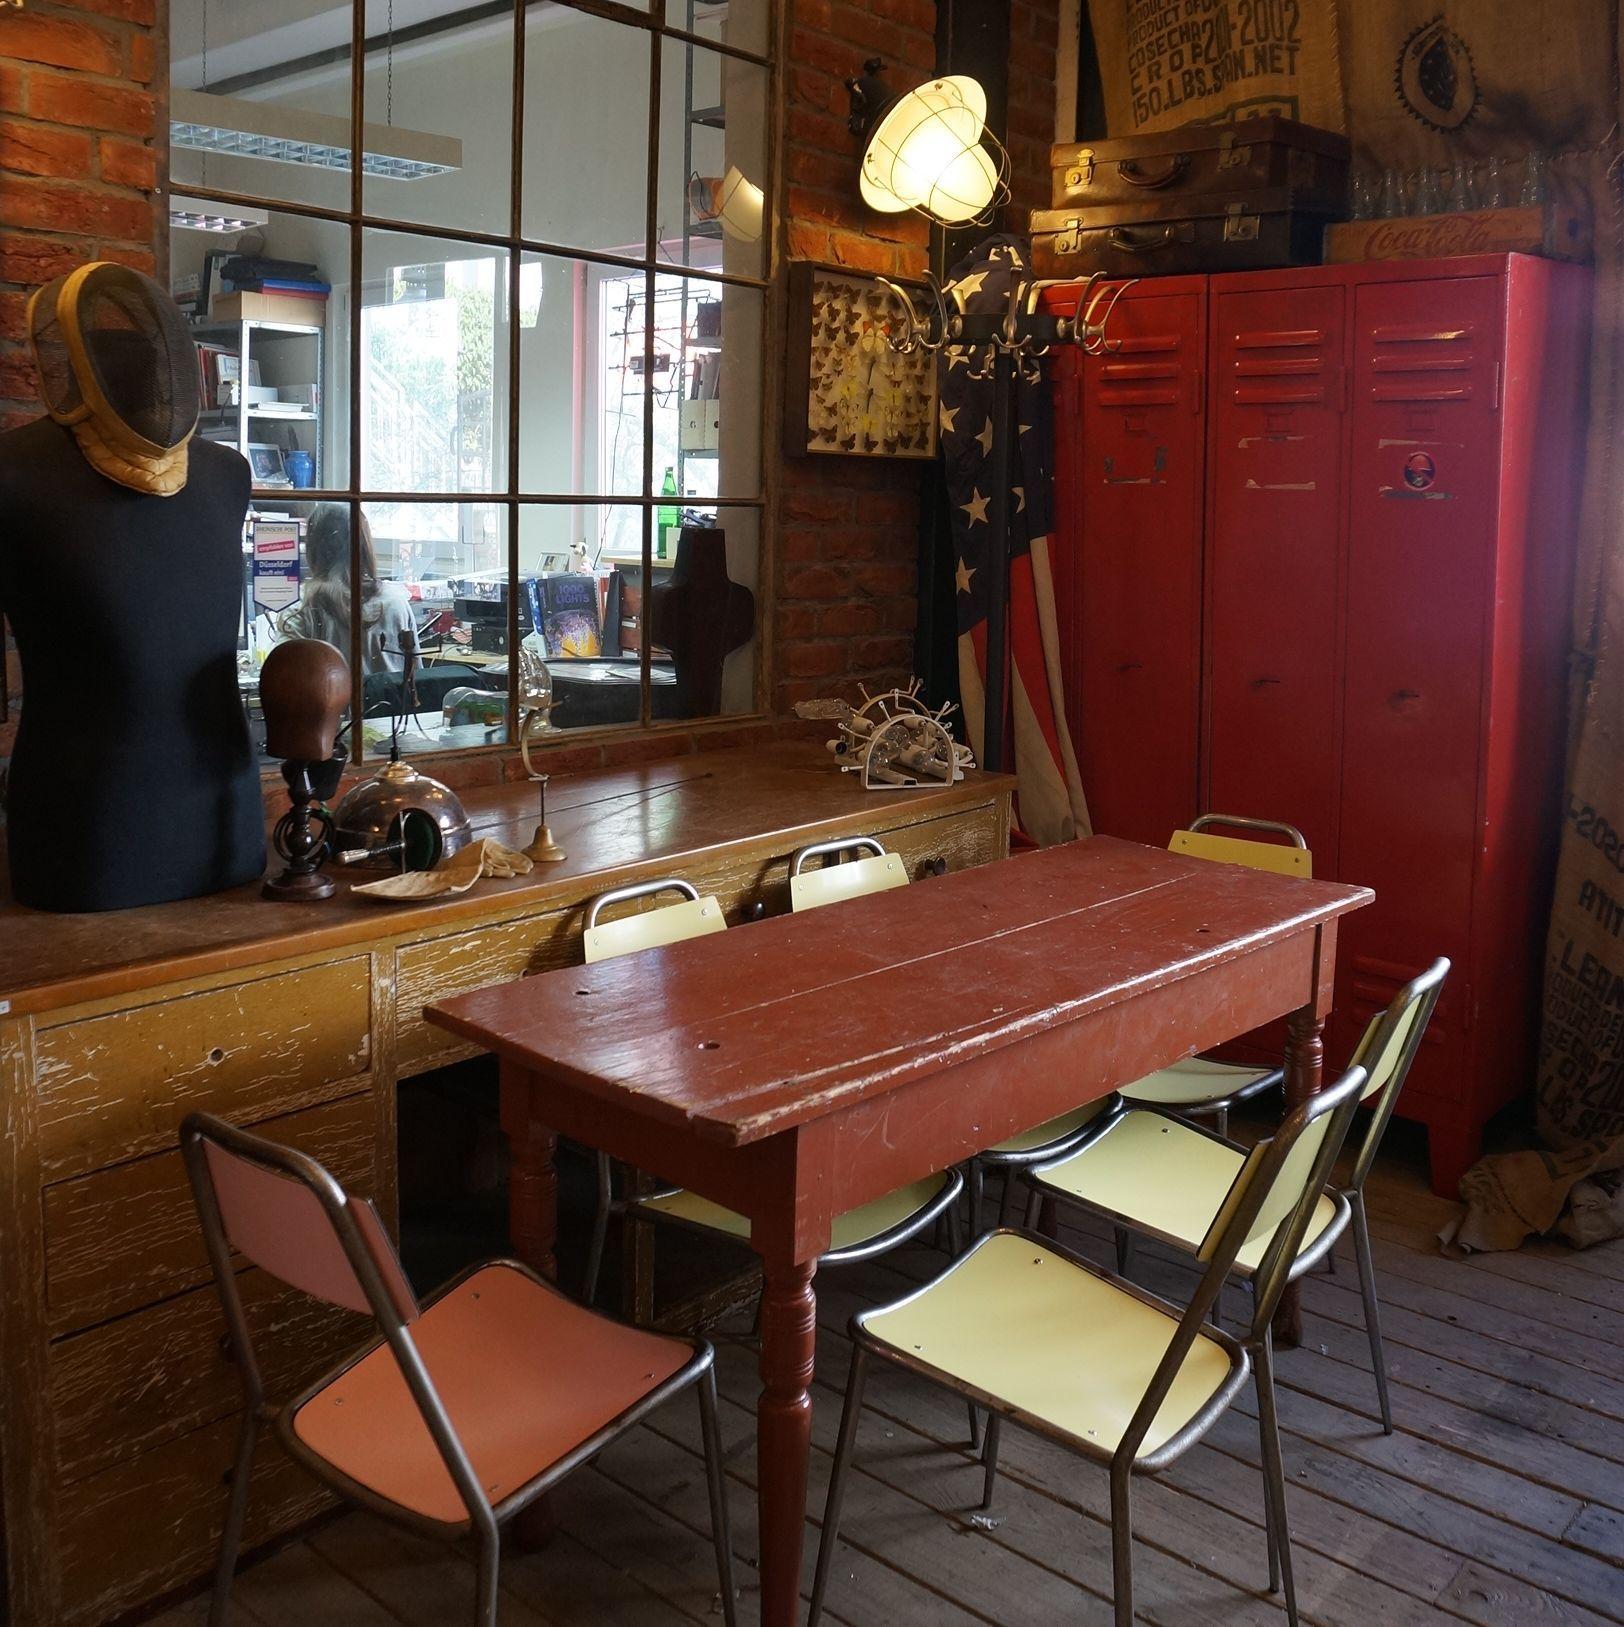 Antik Möbel Düsseldorf wandel loft industrial industriefenster spind iindividuelles wohnen